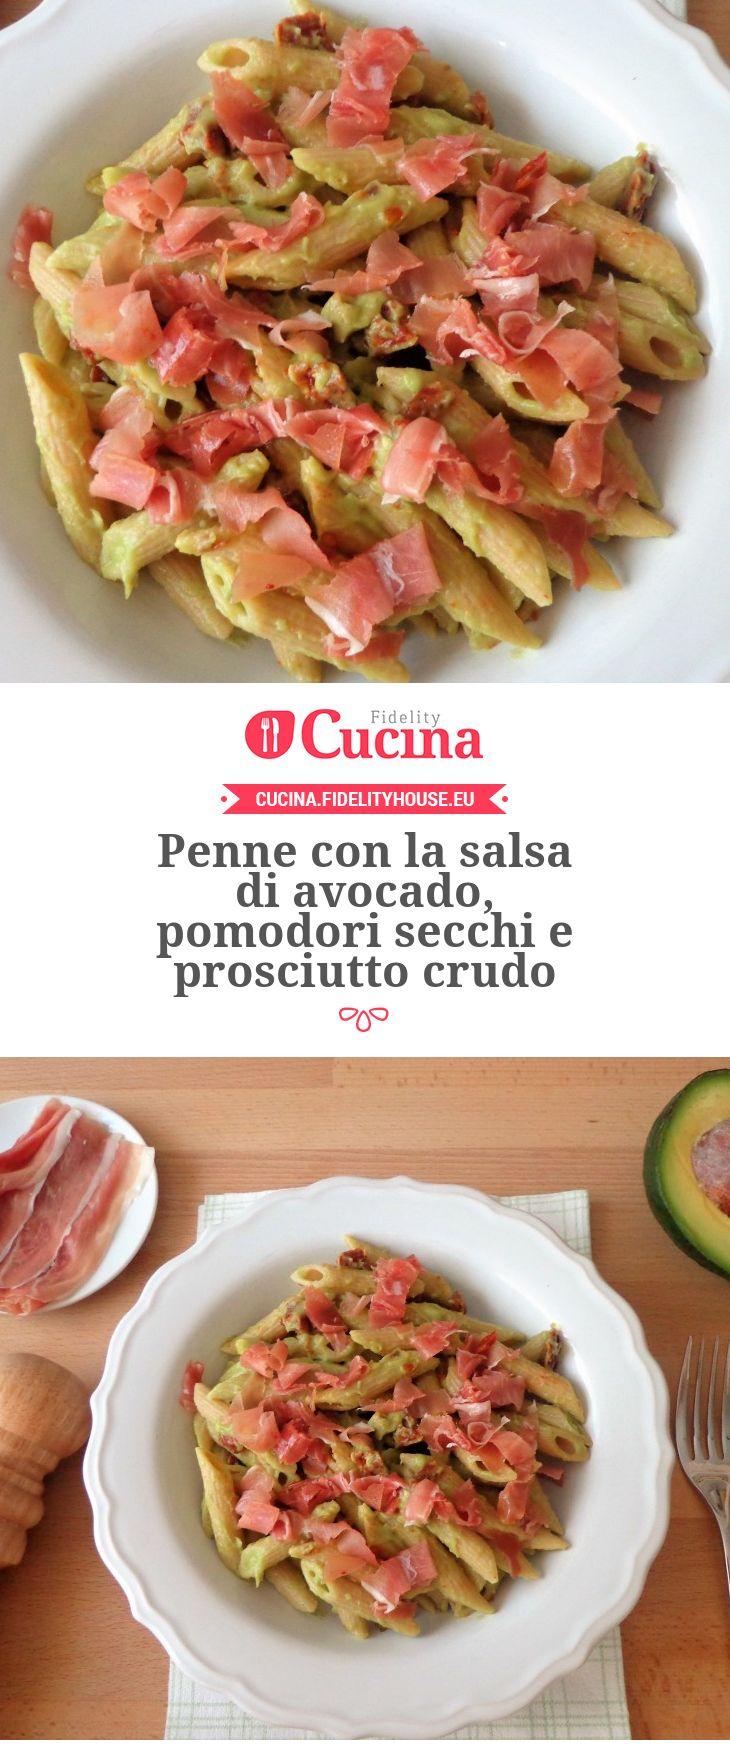 Penne con la salsa di avocado, pomodori secchi e prosciutto crudo